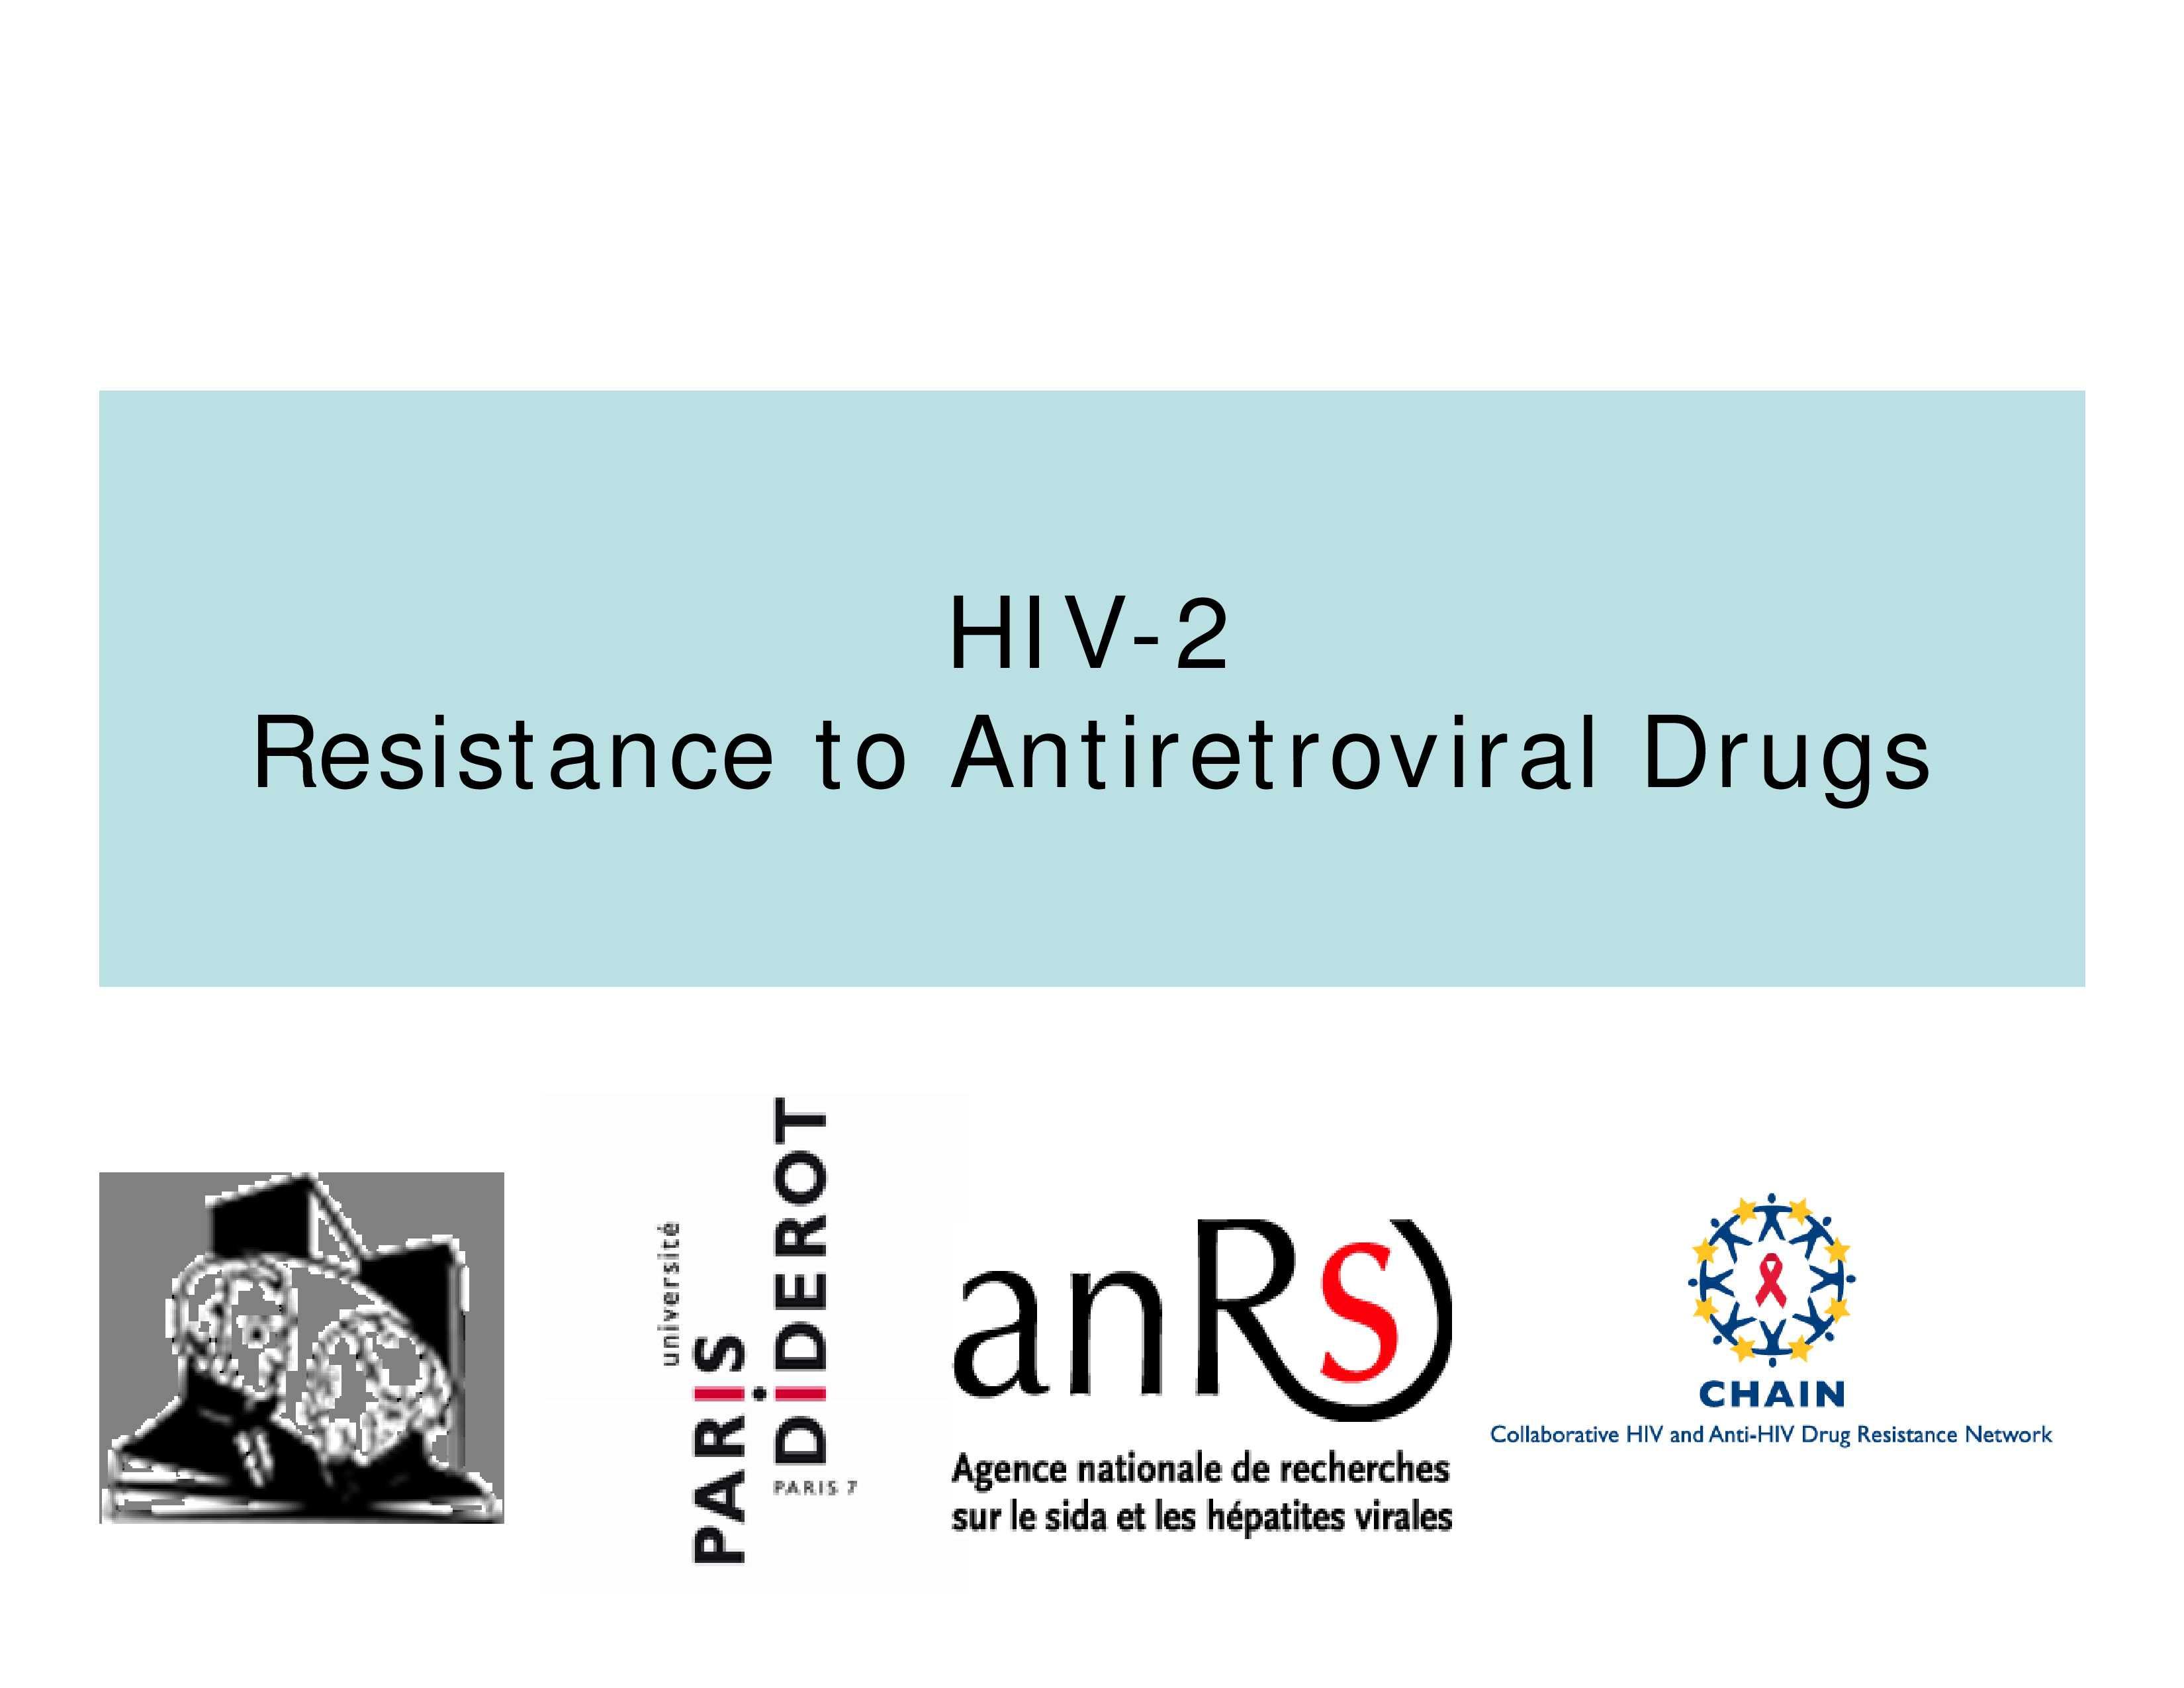 07_Brun-Vezinet_HIV2_FBV22042010-000001.jpeg